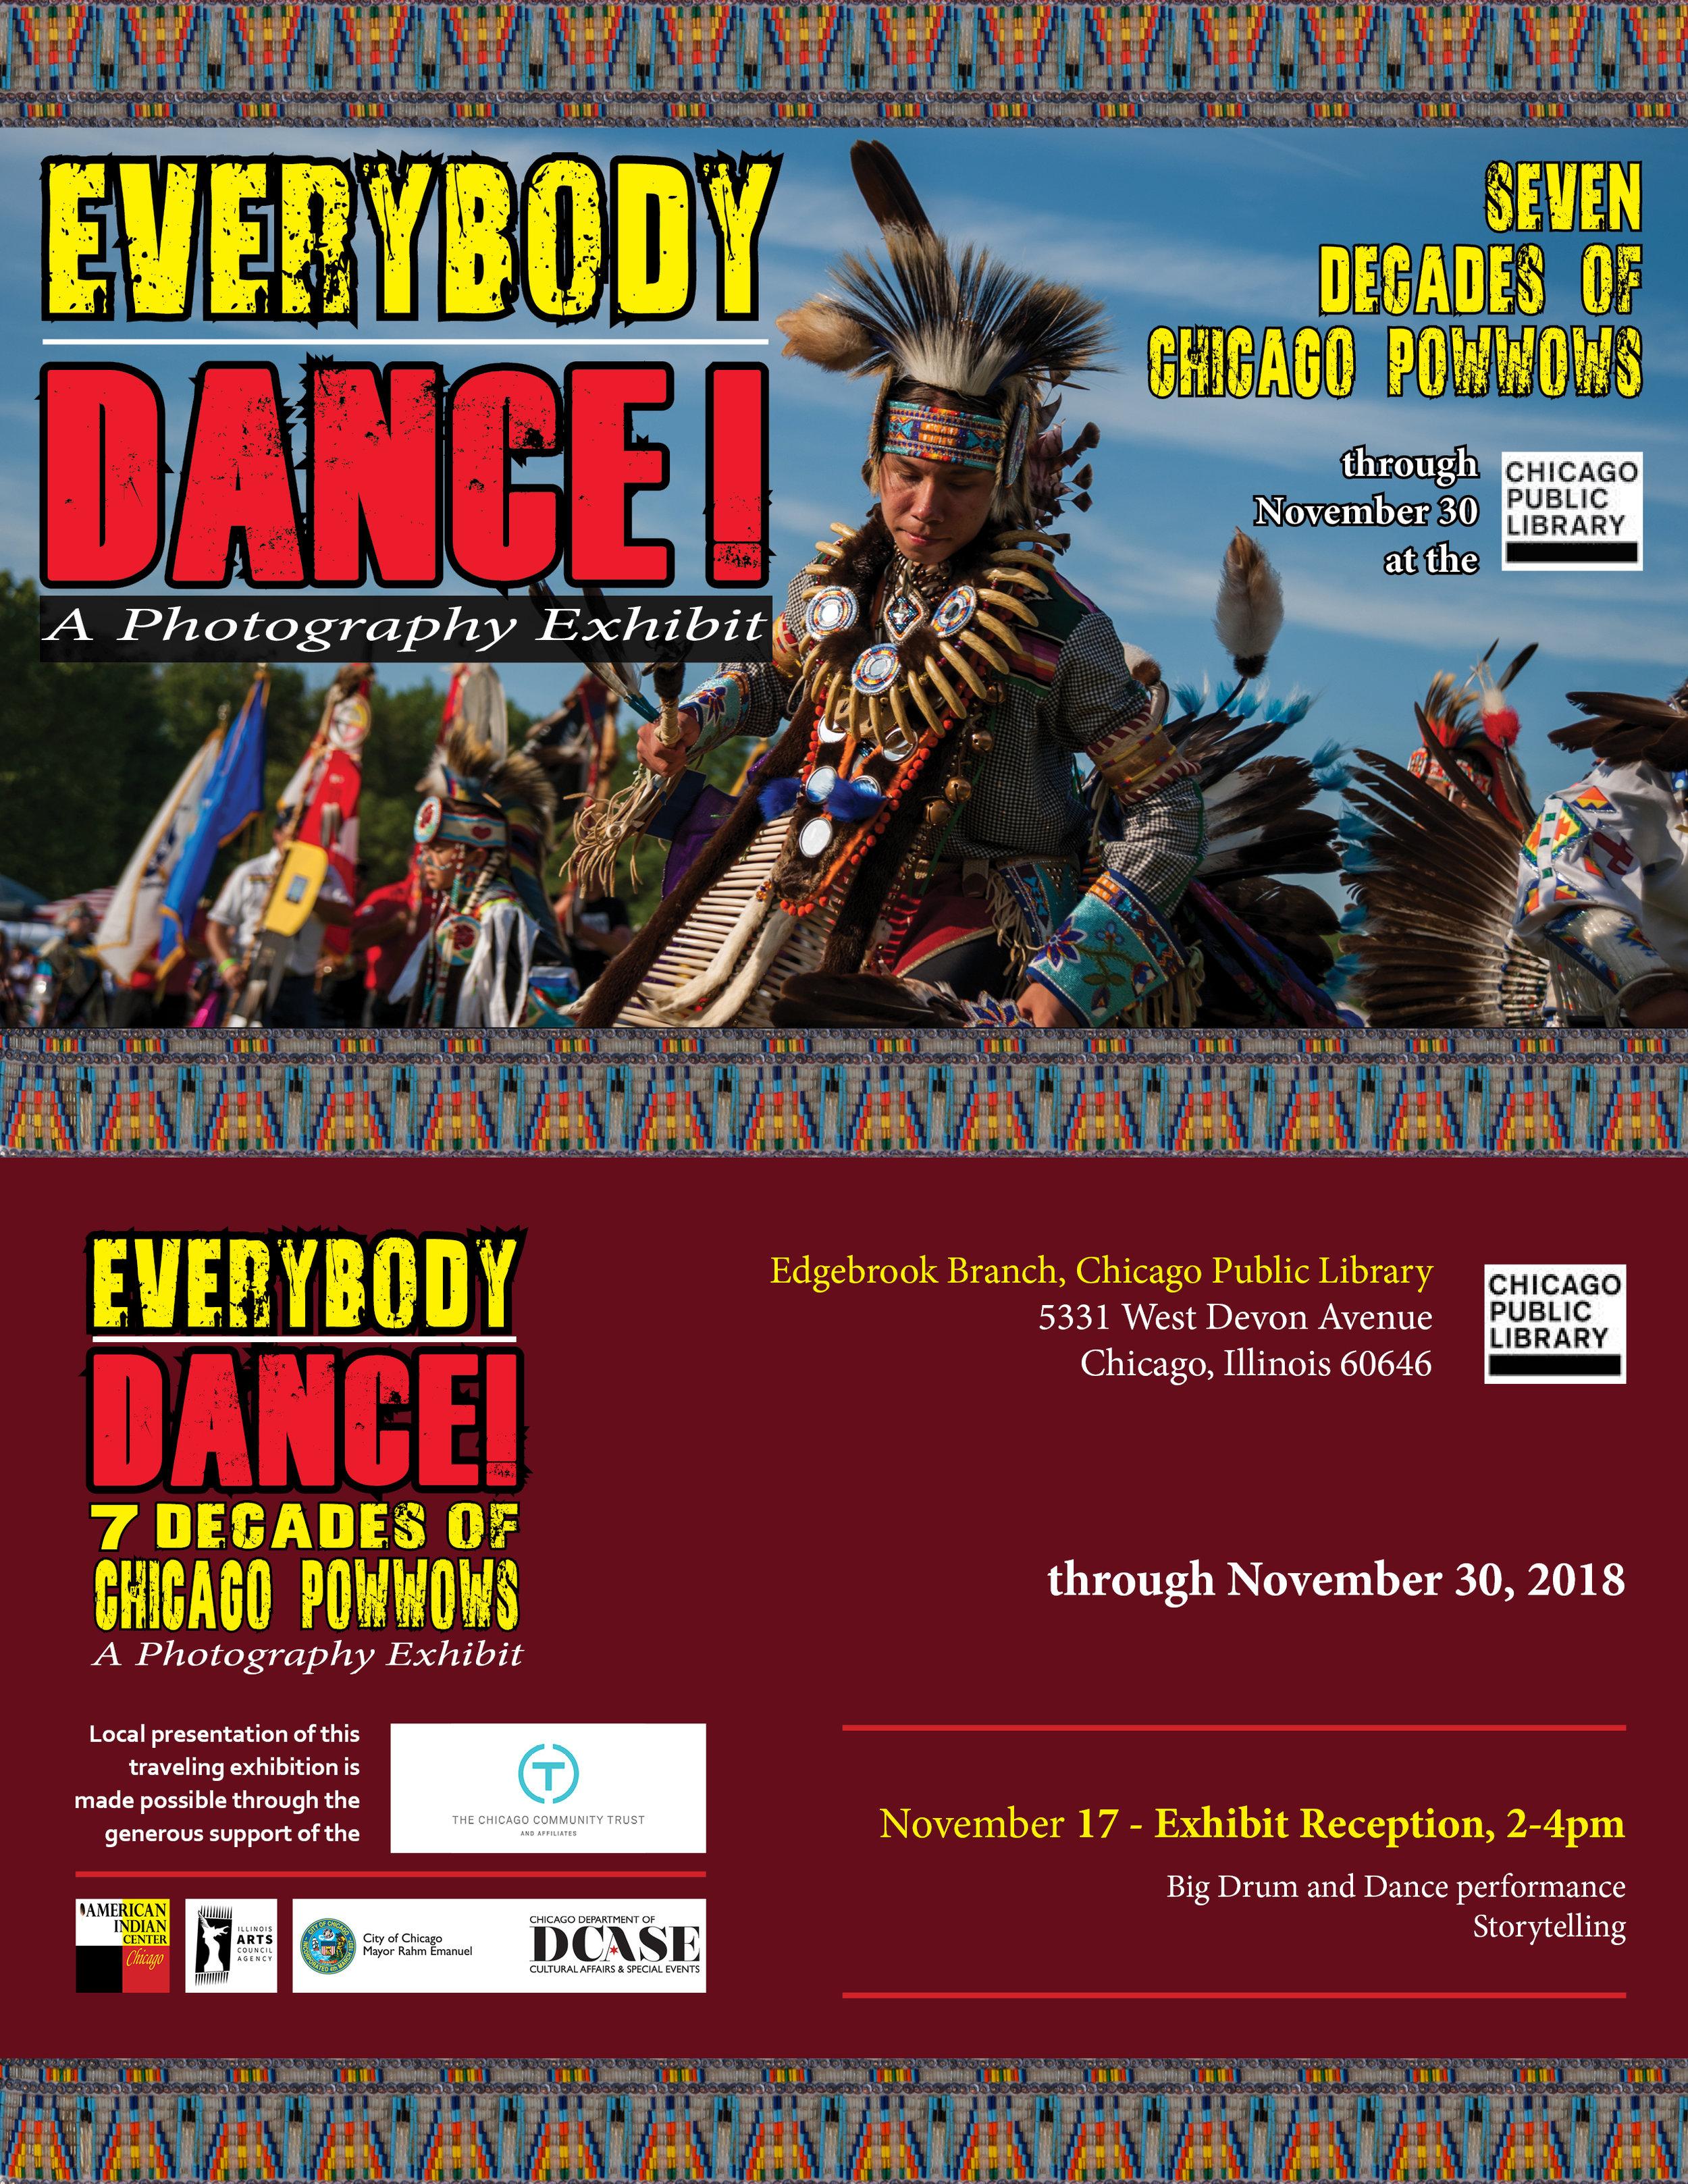 Exhibit runs through November 30th